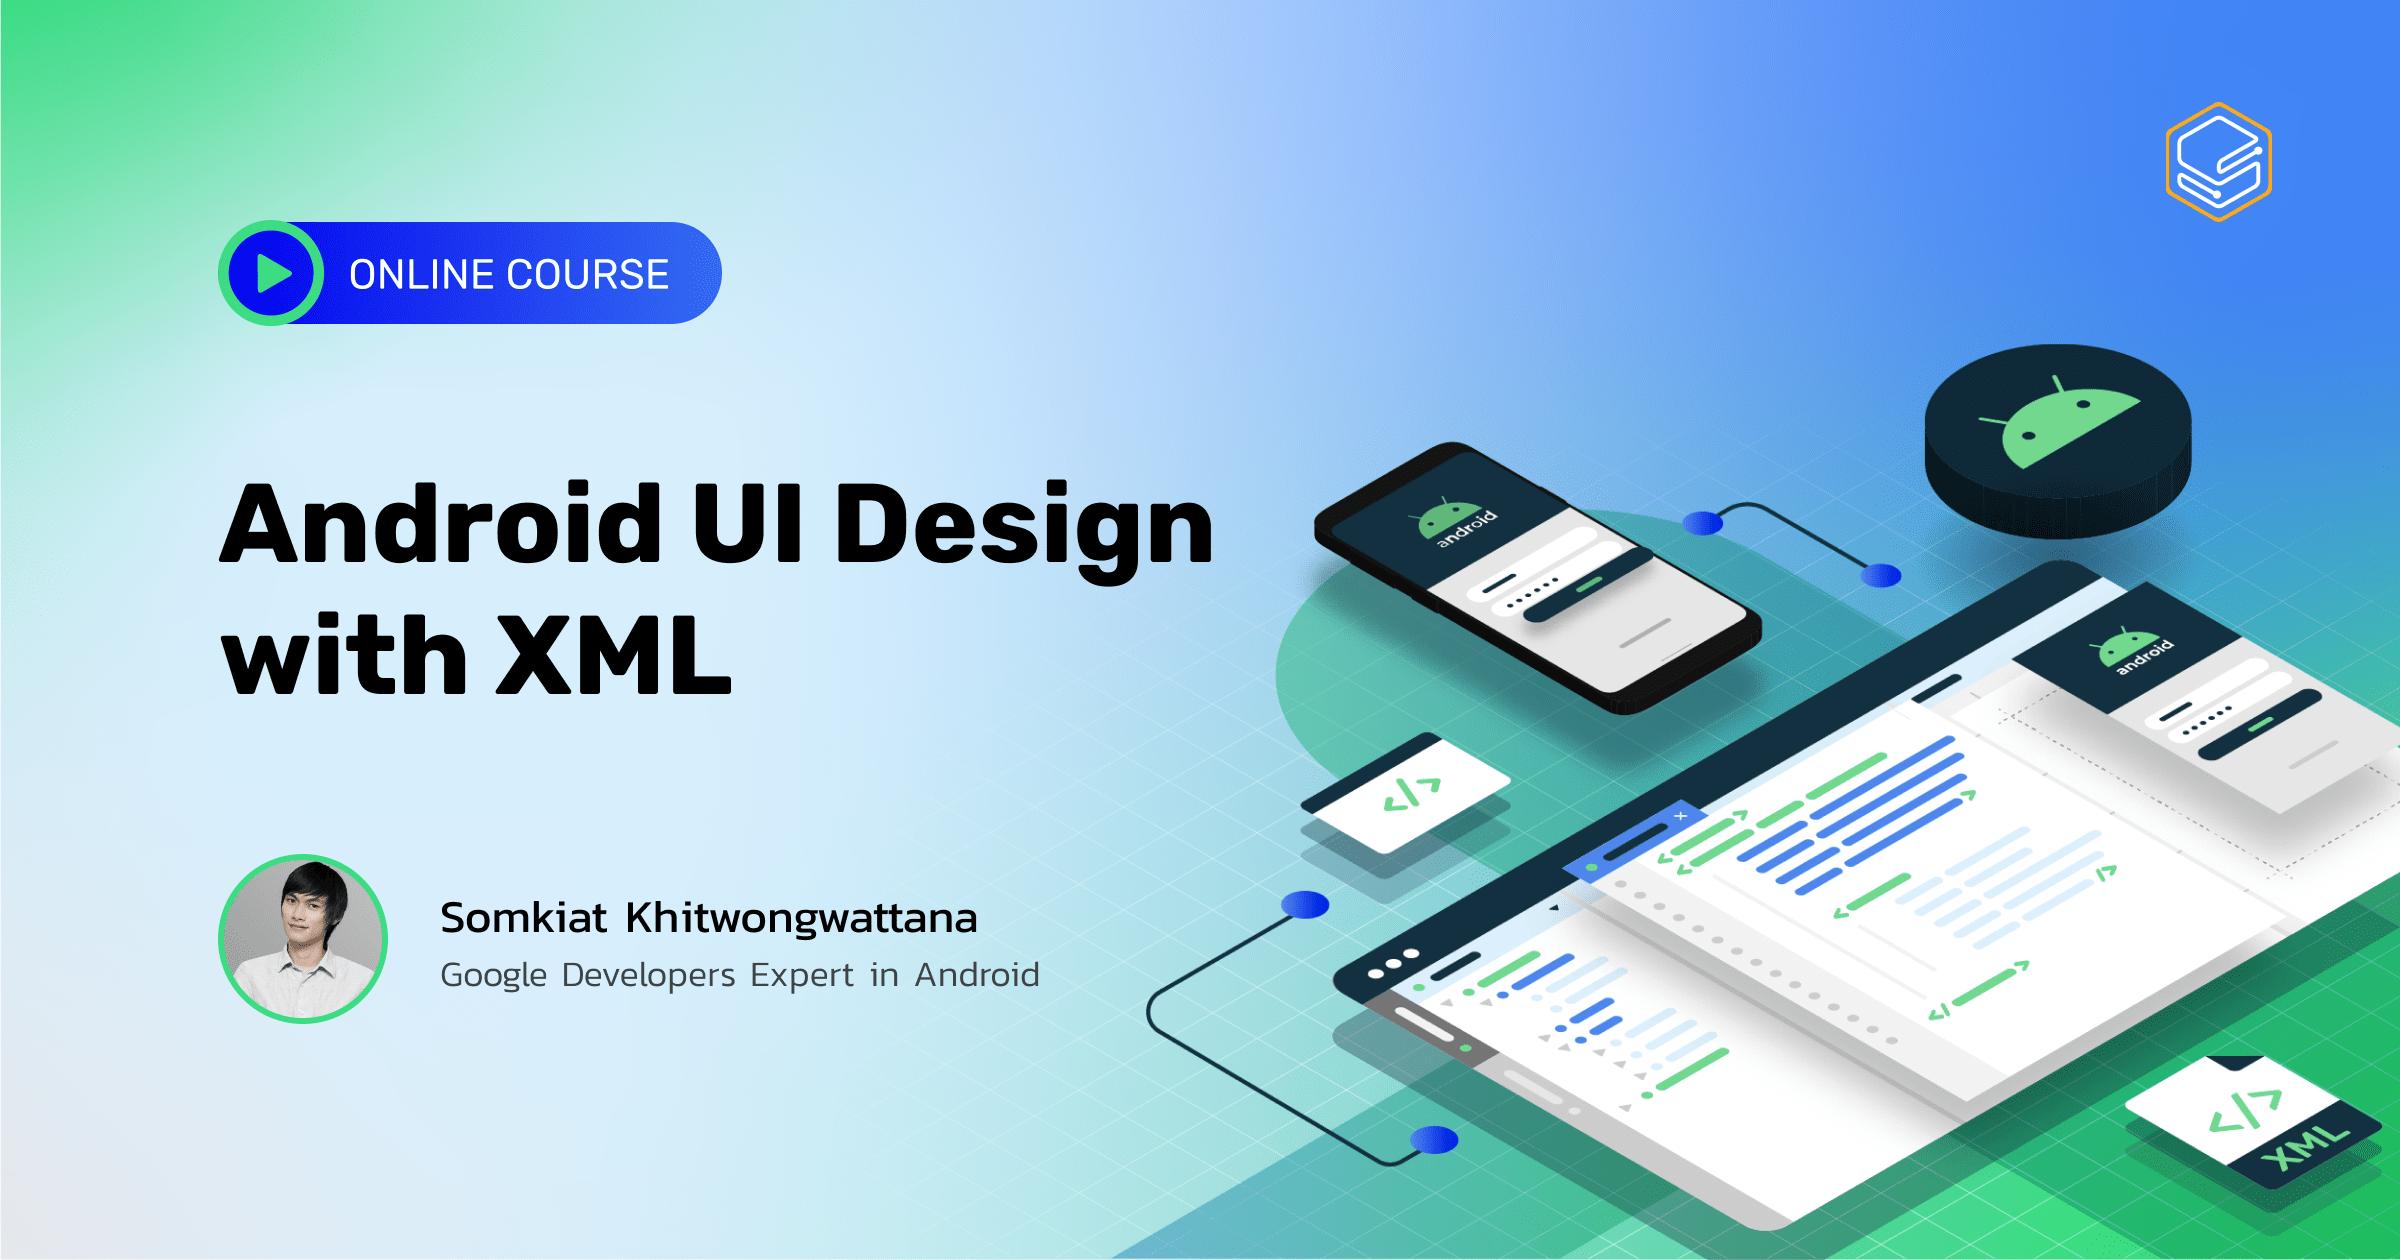 พื้นฐานสำคัญในการออกแบบ Android UI ด้วยภาษา XML   Skooldio Online Course: Android UI Design with XML